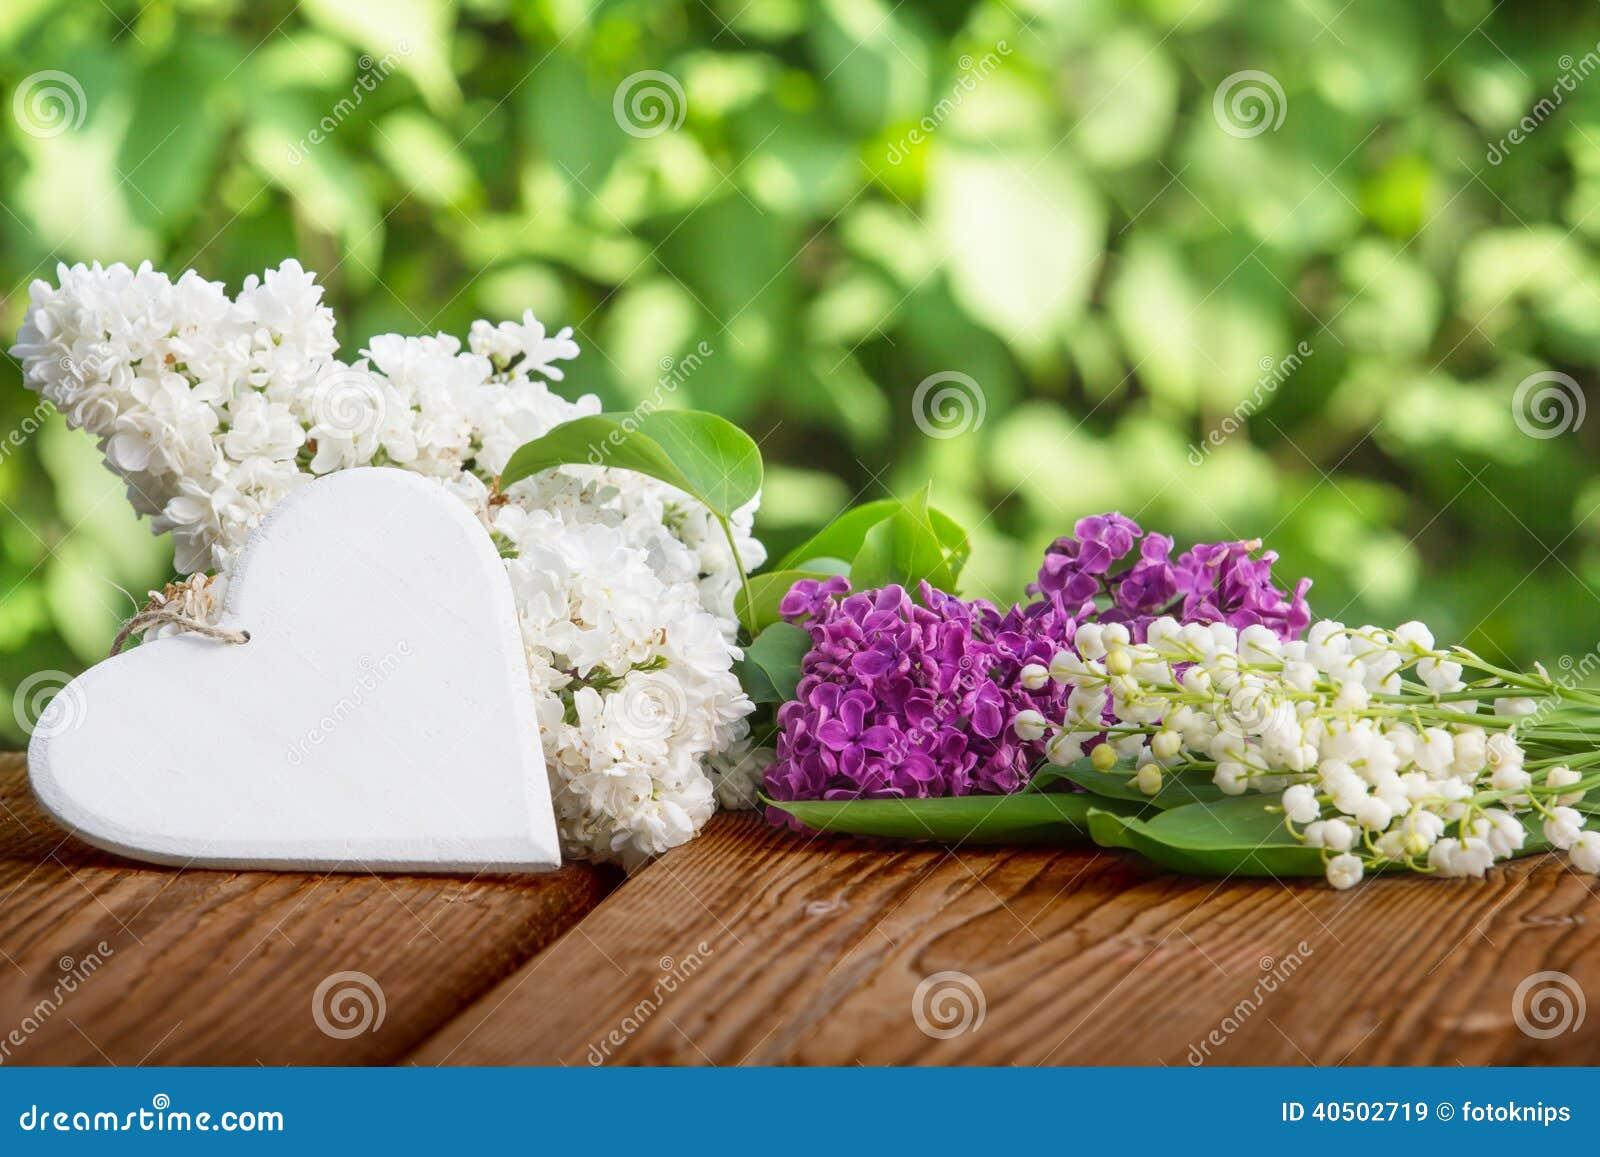 coeur contre le muguet et le lilas image stock image du m decine anniversaire 40502719. Black Bedroom Furniture Sets. Home Design Ideas